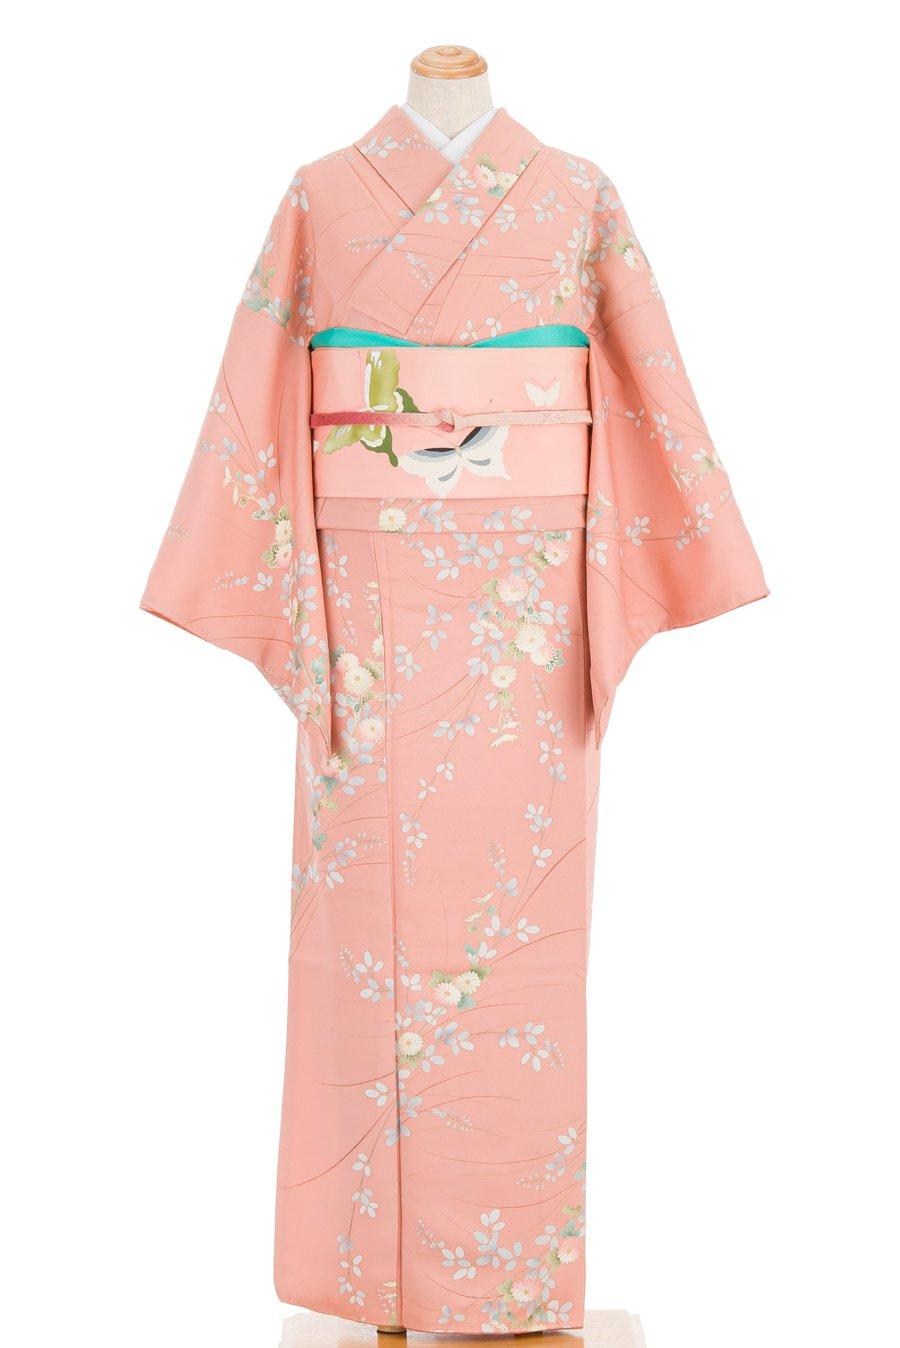 「ピンク色の地に小菊」の商品画像